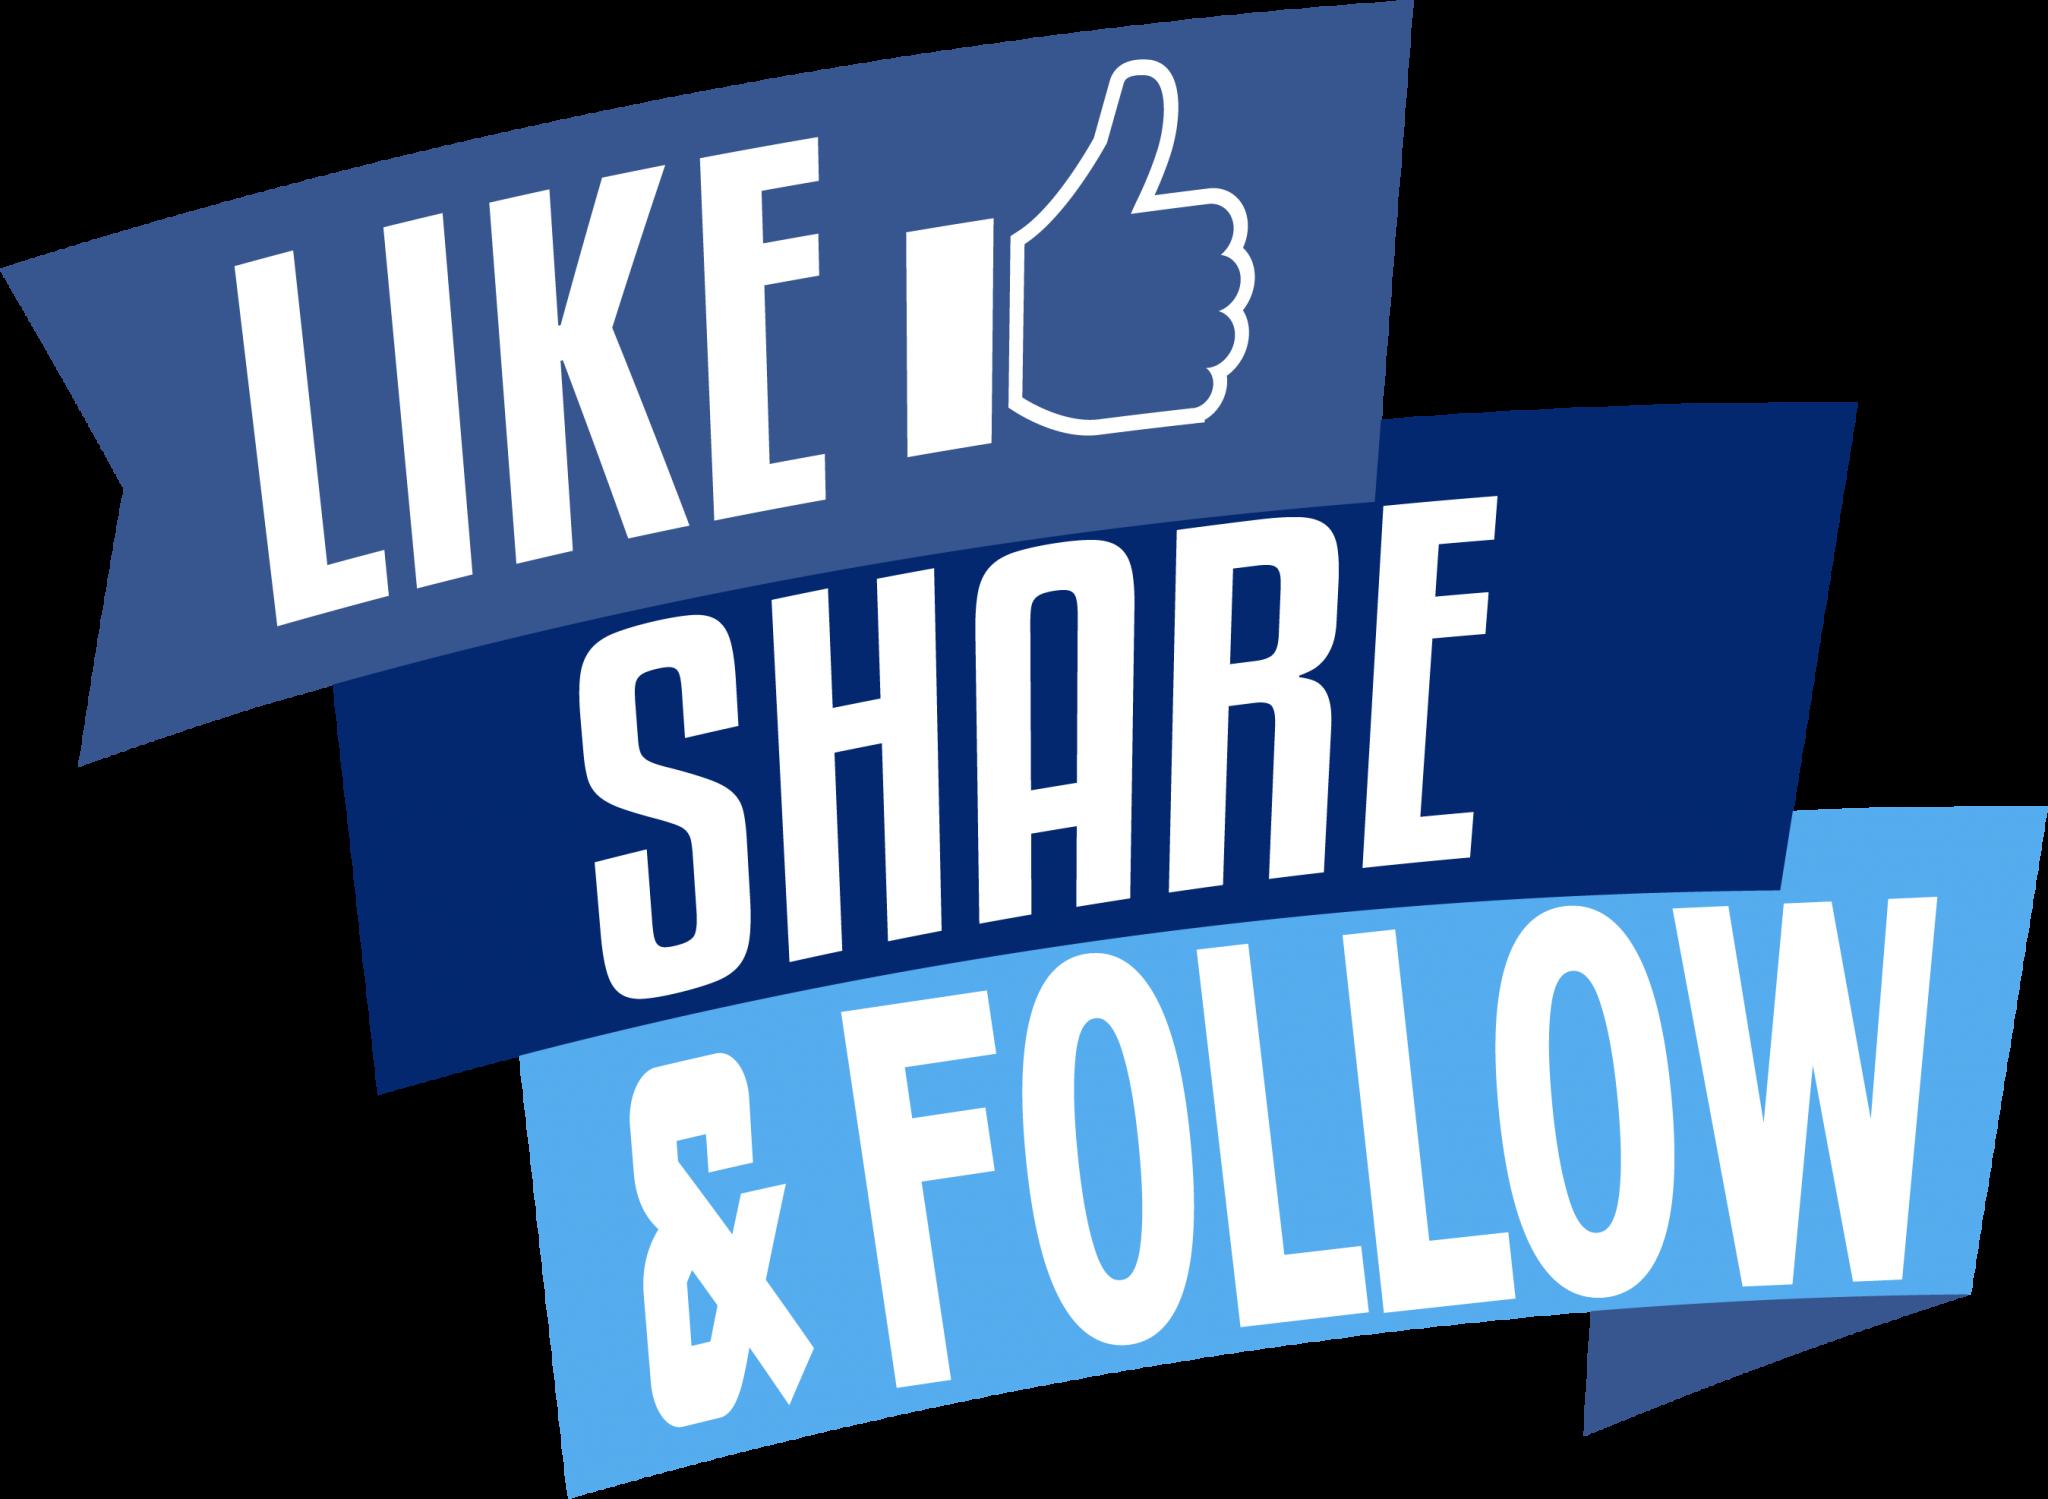 Like Share & Follow